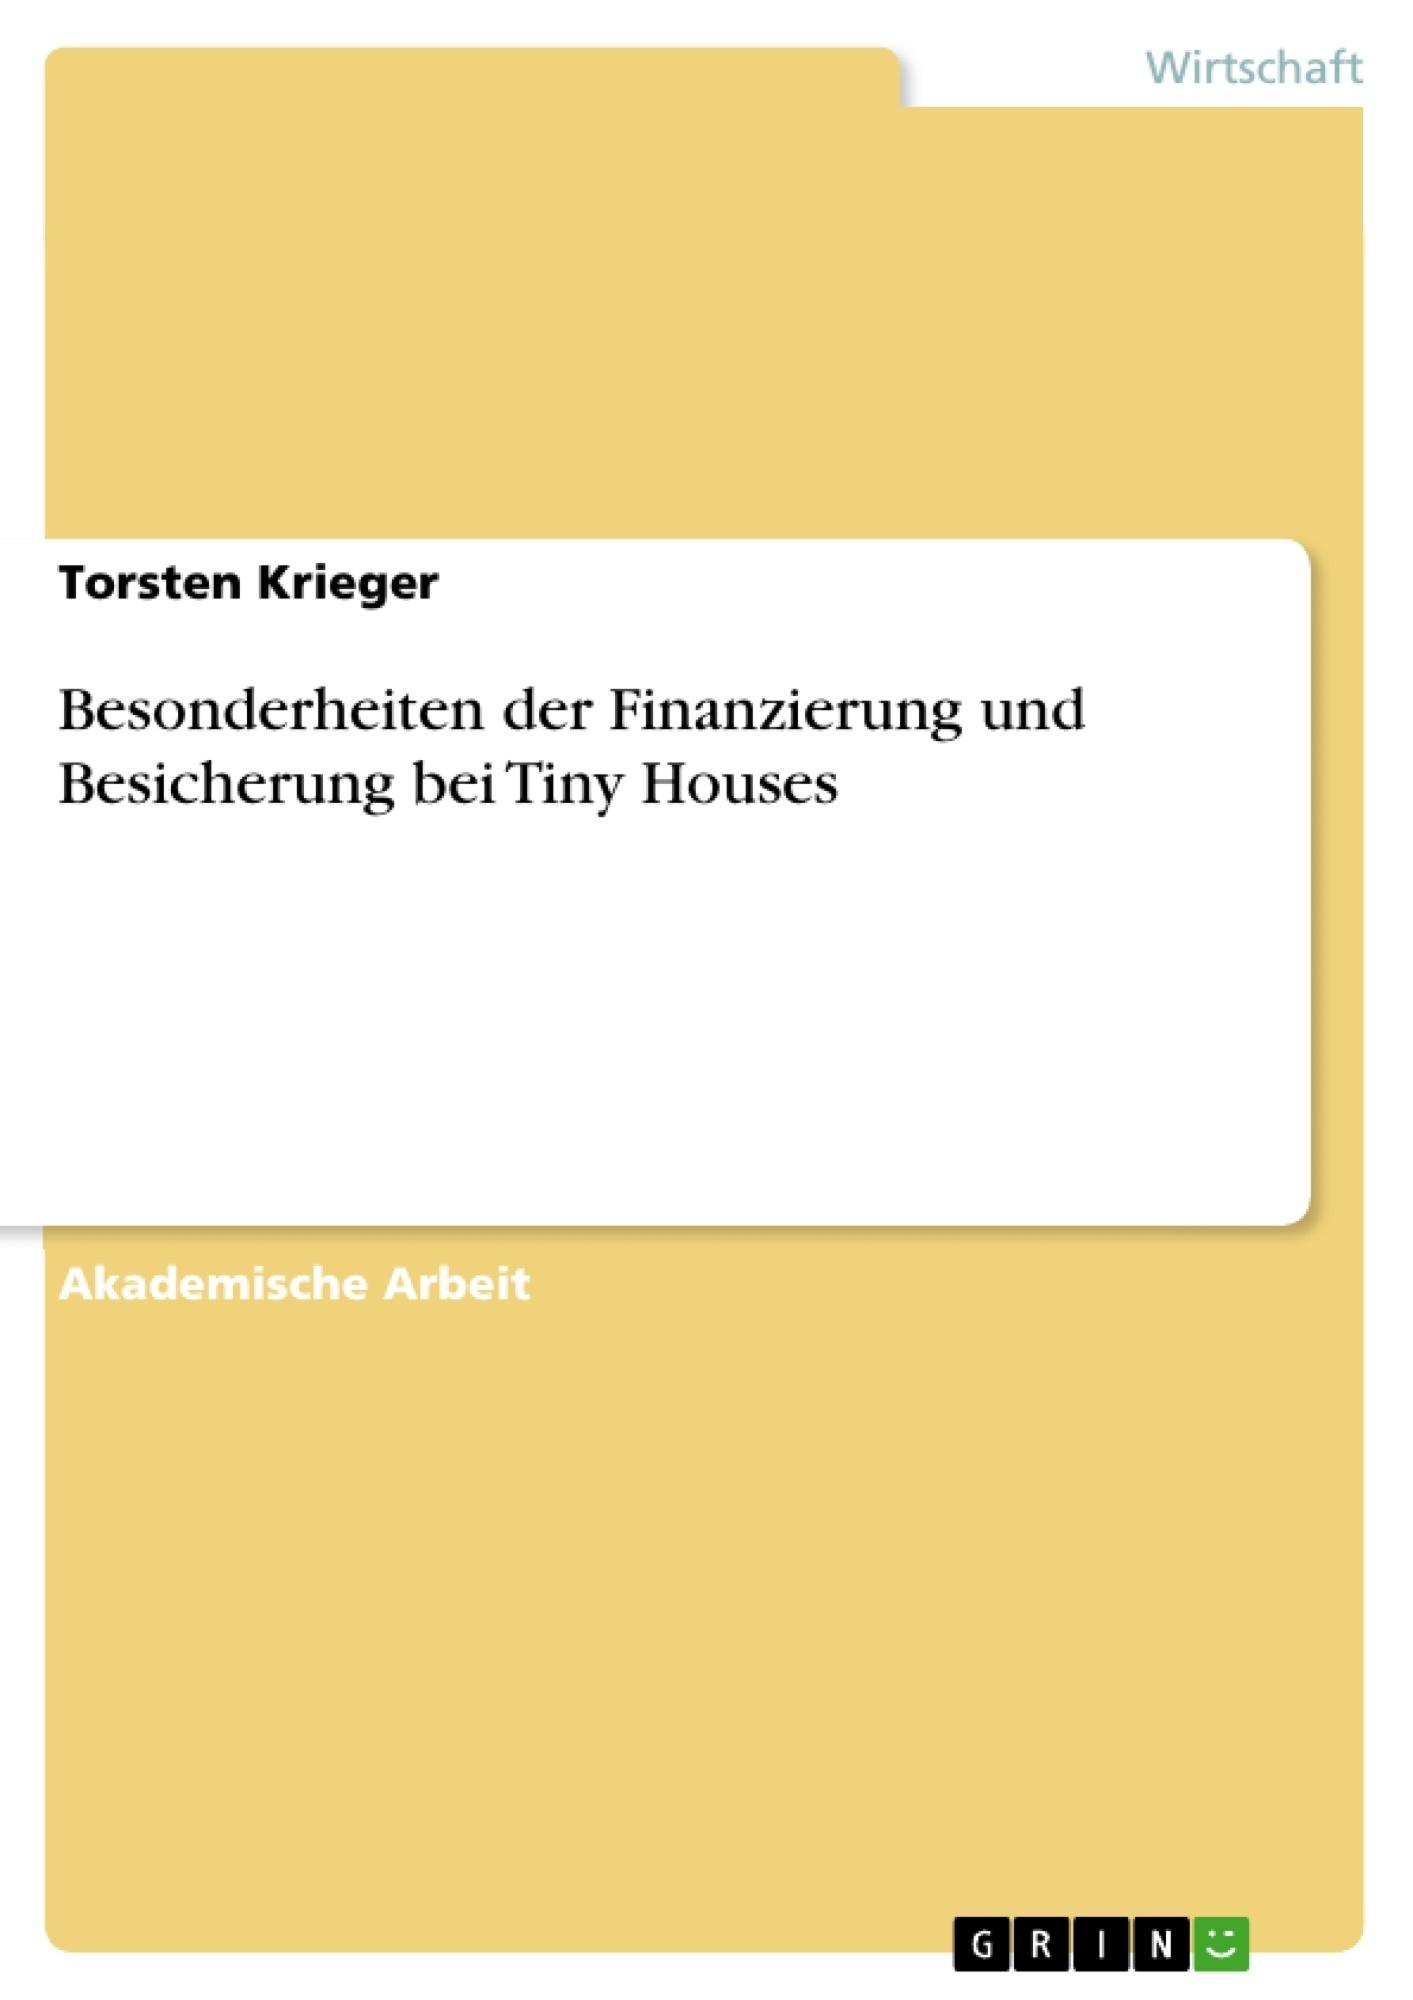 Titel: Besonderheiten der Finanzierung und Besicherung bei Tiny Houses